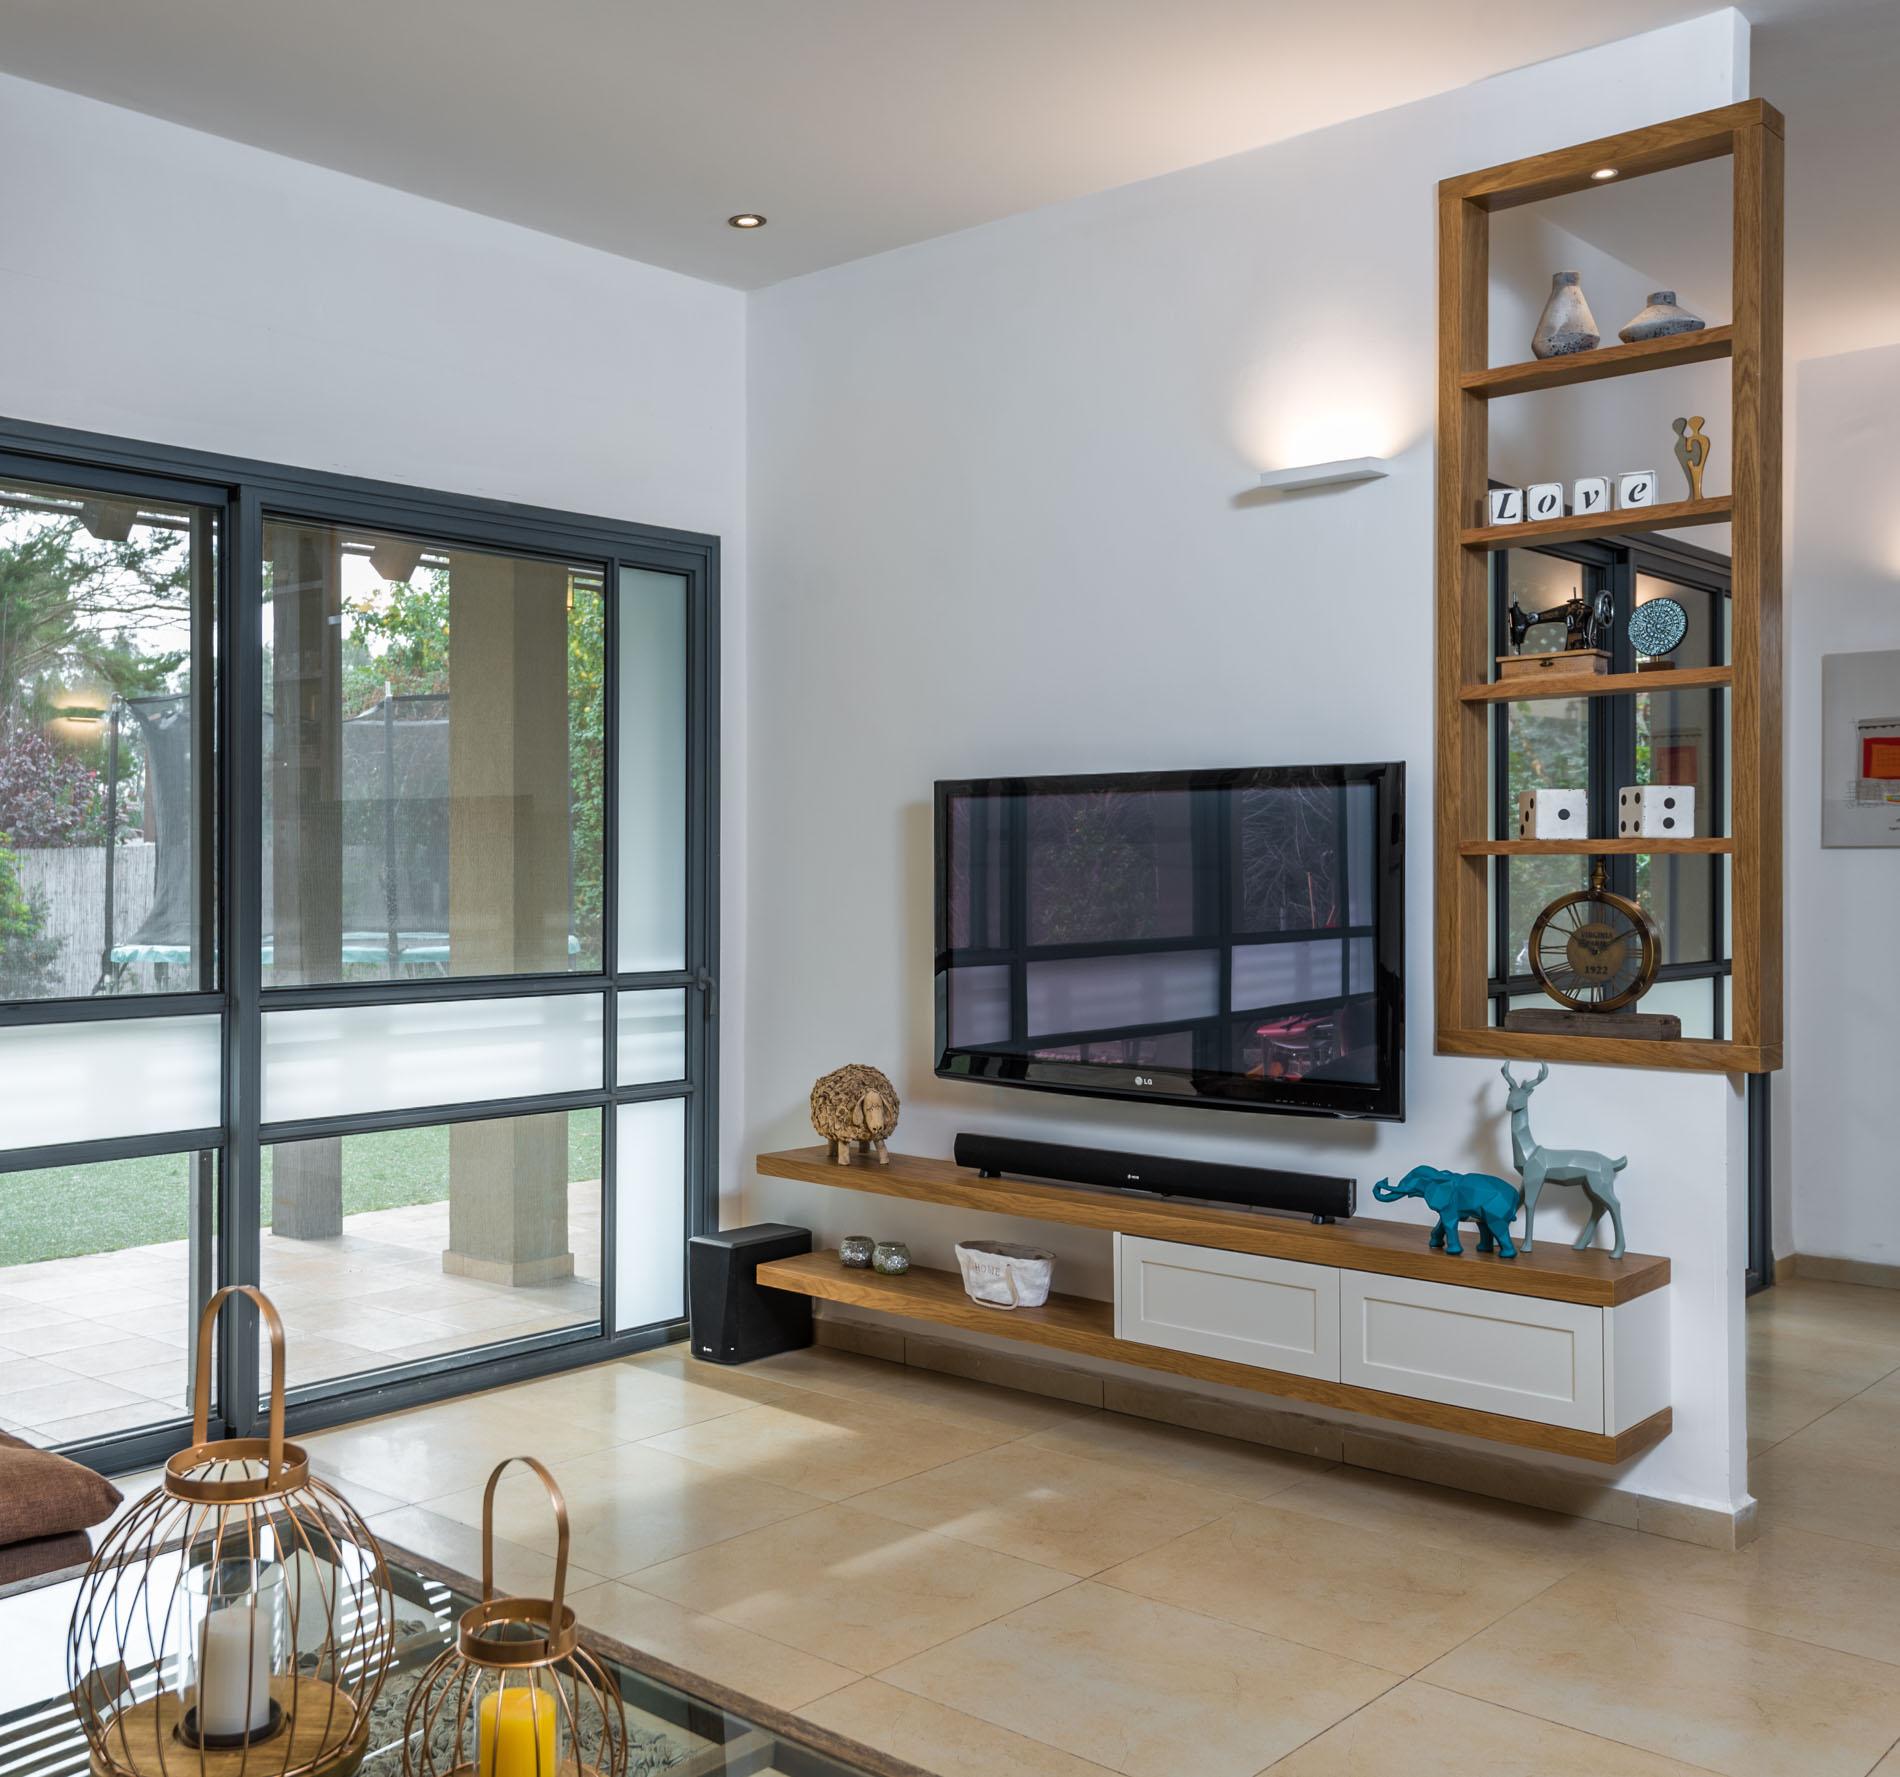 מודרני | כפרי | עיצוב סלון | שיפוץ